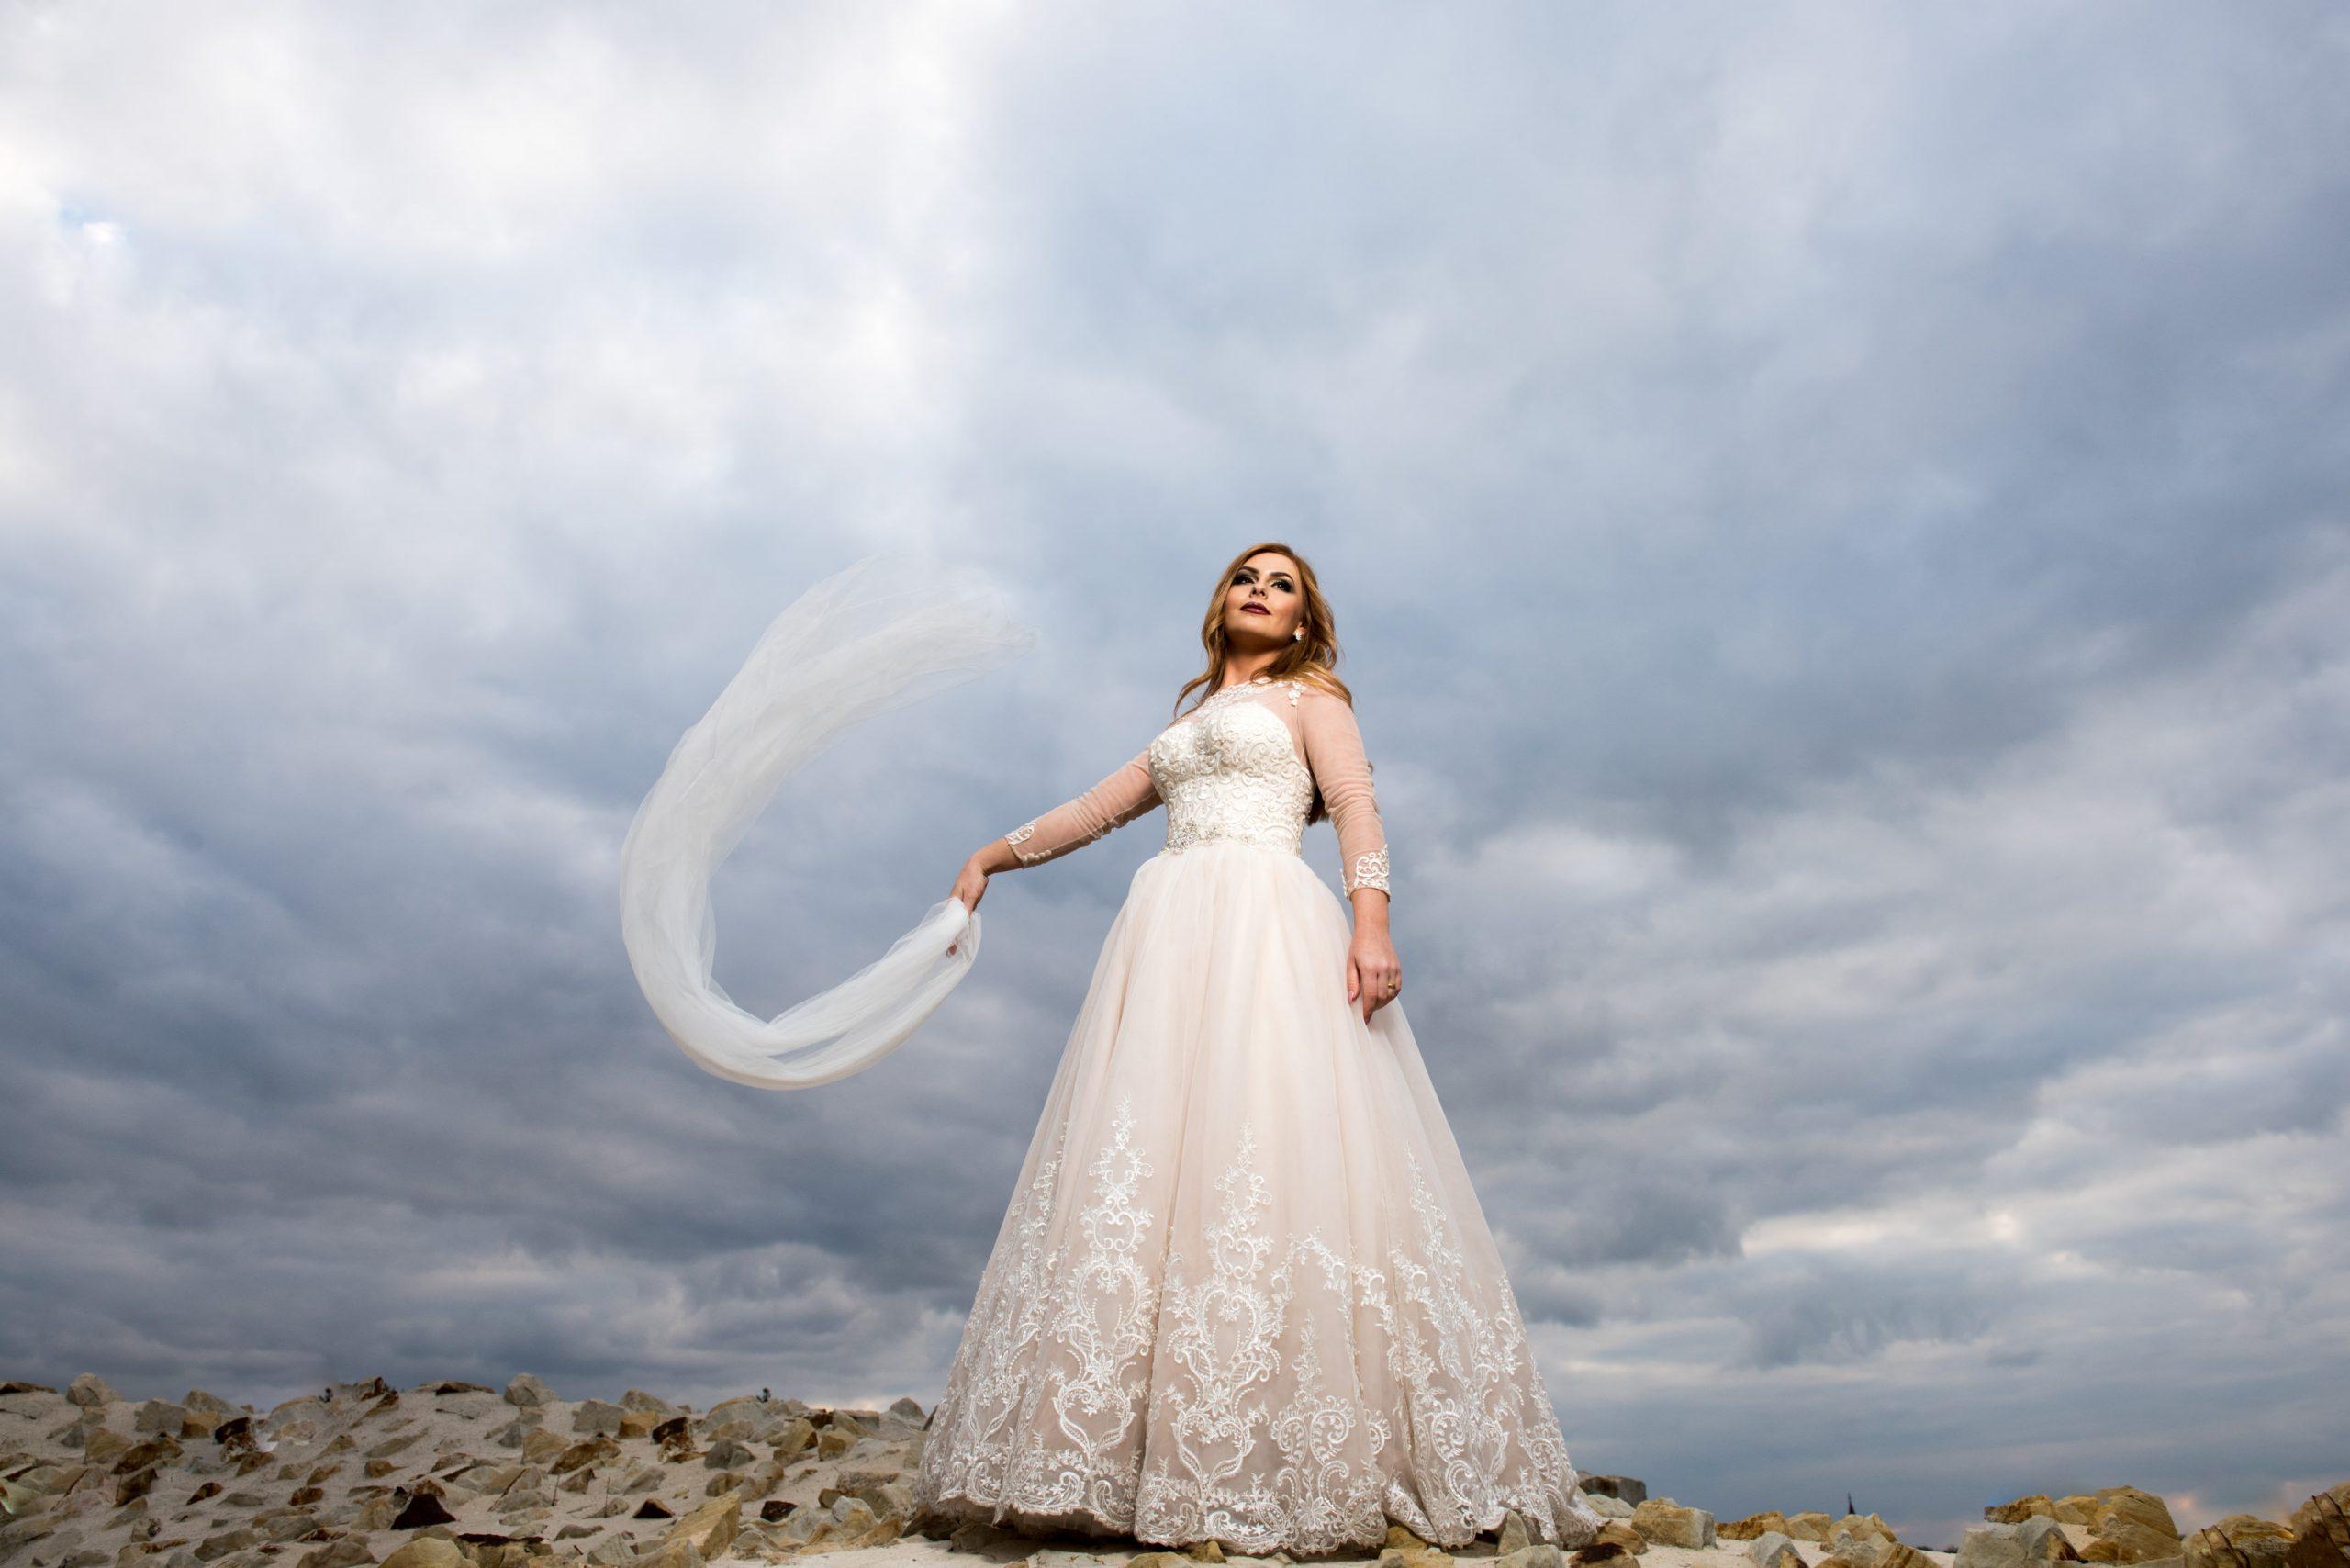 marius agrigoroaie fotograf de nunta botosani suceava 11